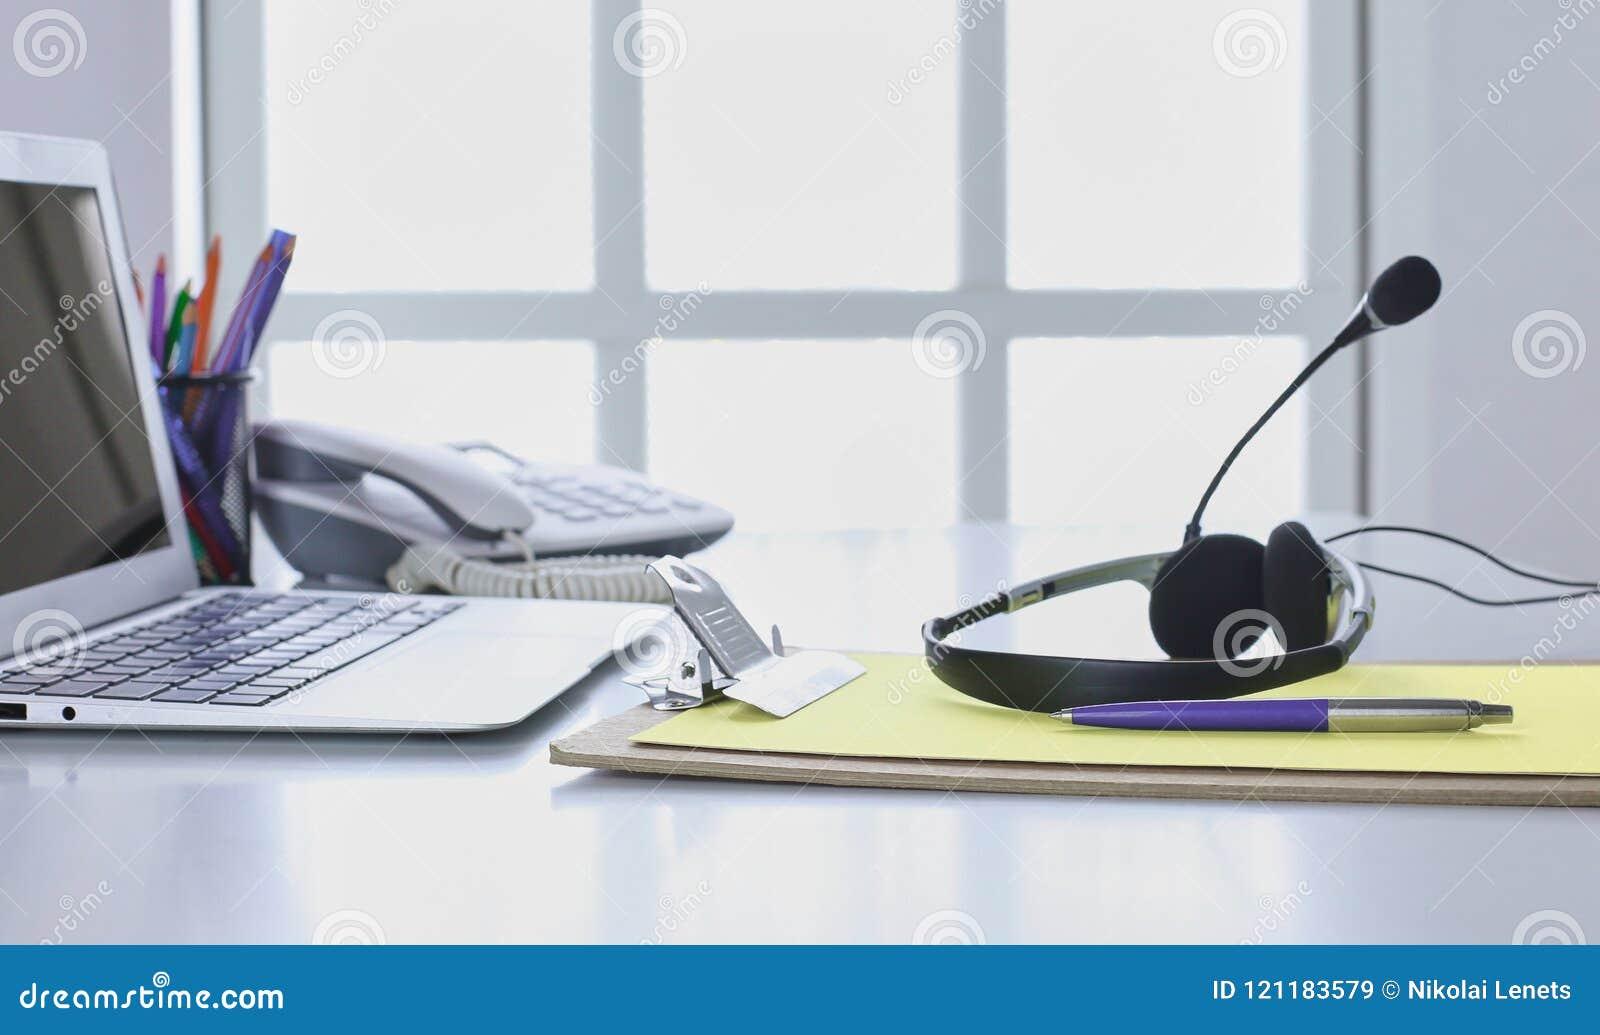 Ayuda de comunicación, centro de atención telefónica y puesto de informaciones del servicio de atención al cliente Auriculares de